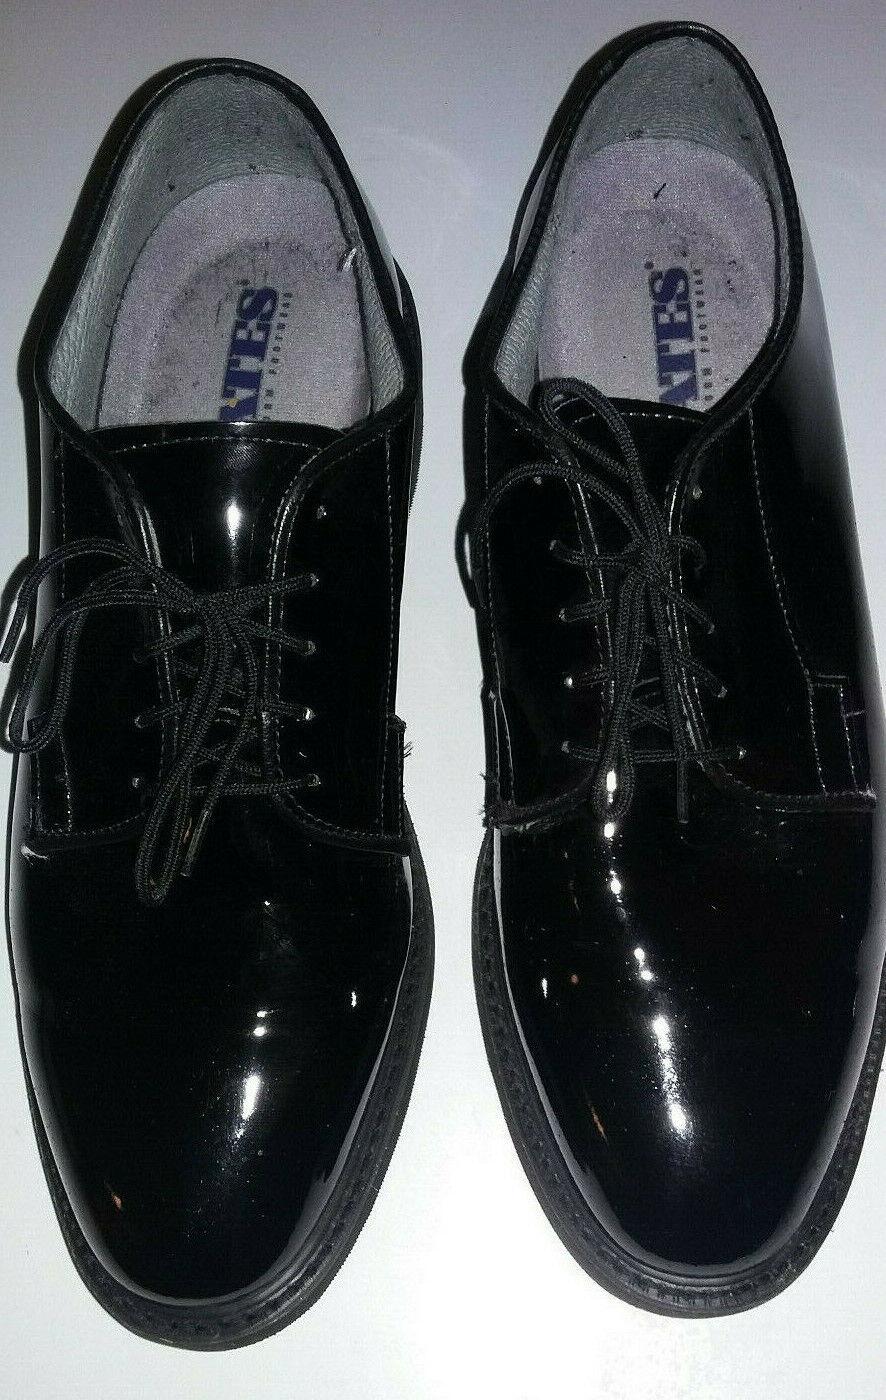 a buon mercato Bates Uomo Uomo Uomo Dimensione 9E Wide nero Patent Leather Dress Tuxedo Formal Military scarpe  ordina ora con grande sconto e consegna gratuita